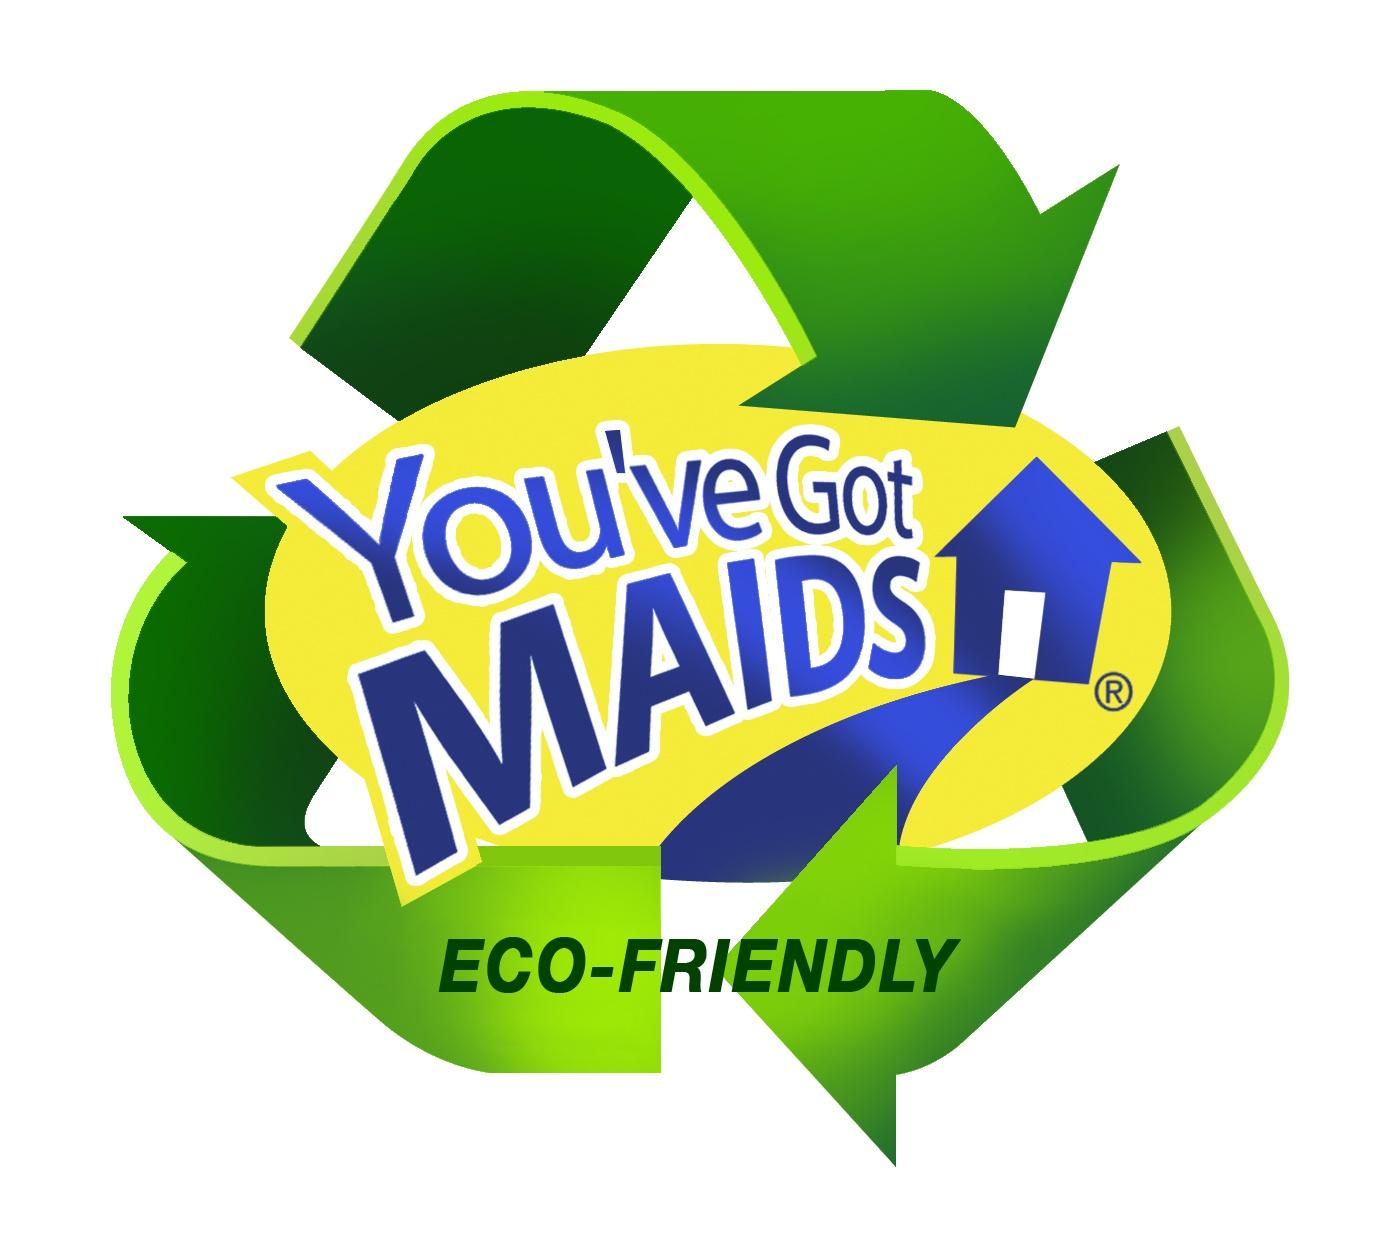 Youve-Got-MAIDS-Logo-Green